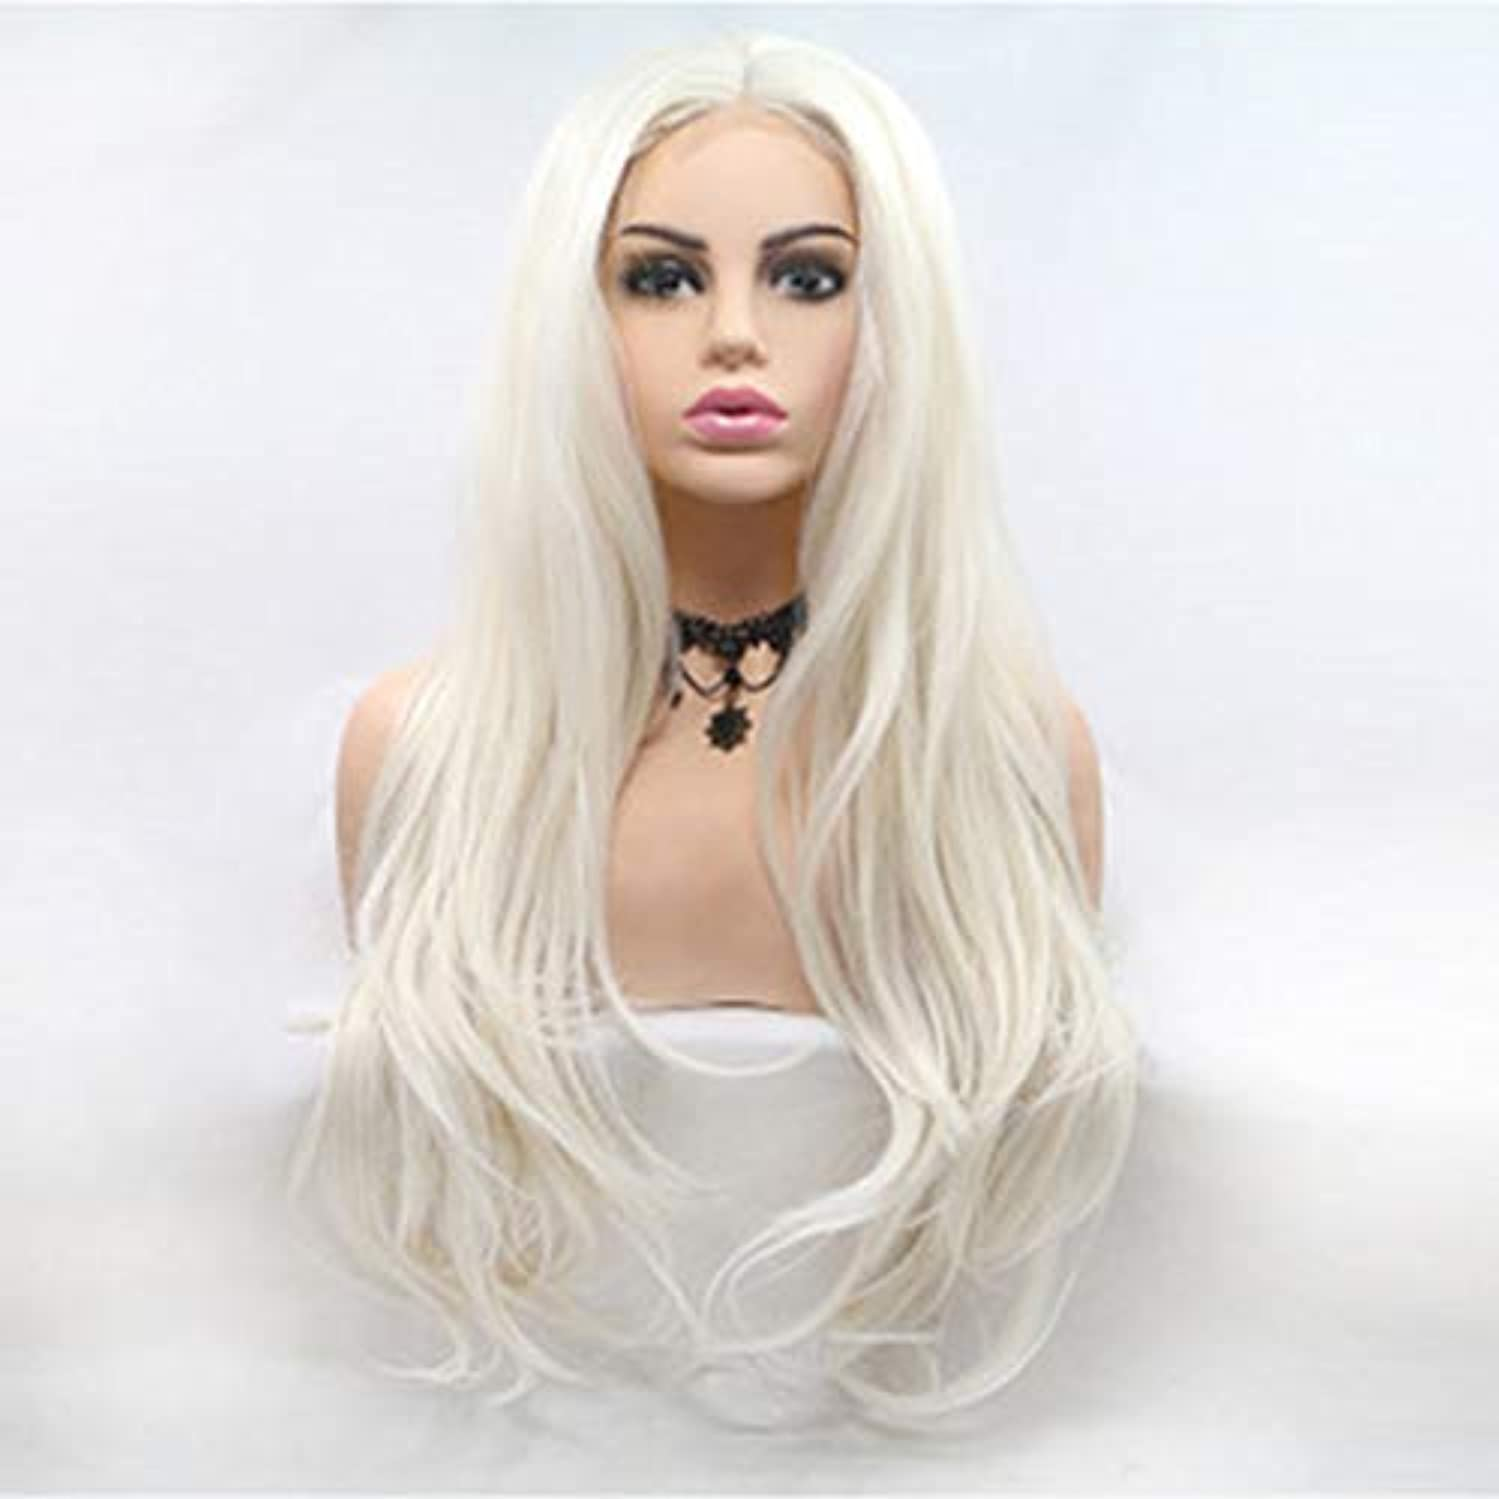 将来の関与するようこそヘアピース ヨーロッパとアメリカの化学繊維レースの長い巻き毛の白い女性のかつらは、魅力と美しさの自然な髪のかつらを追加します